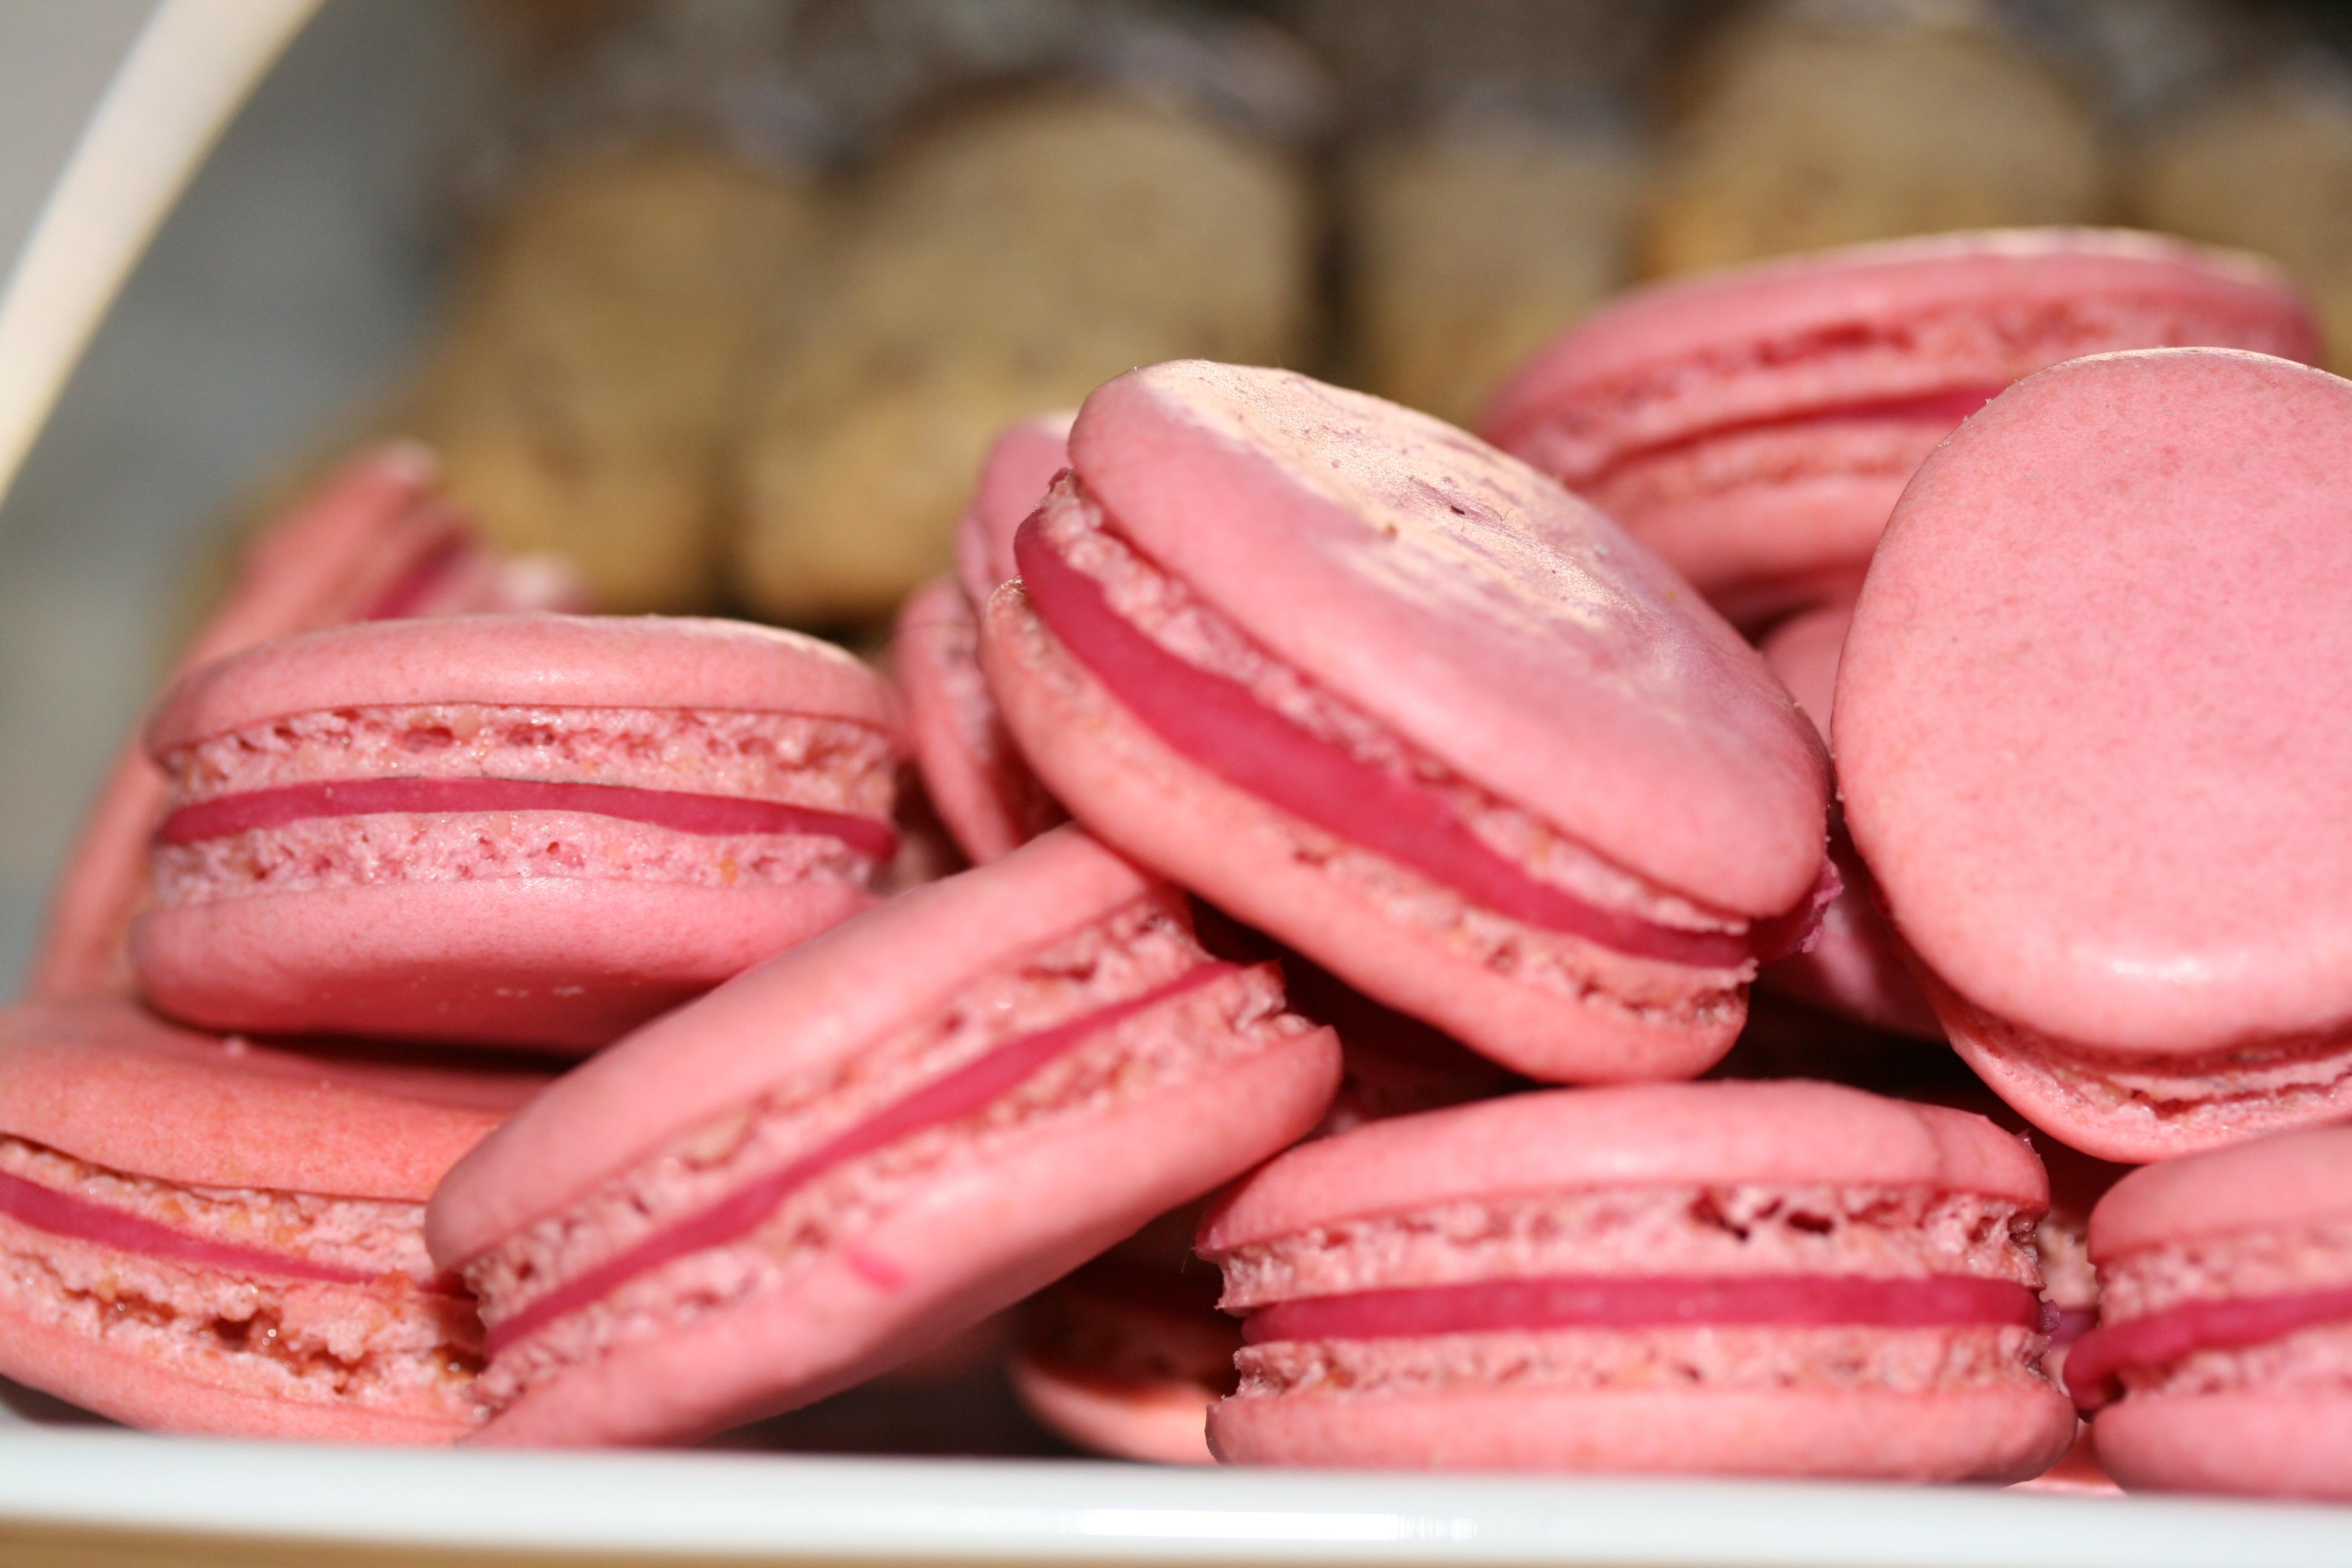 Dessa är färgade rosa och har en smak av hallon. Det var många som gillade  dem c37f0ba06678f